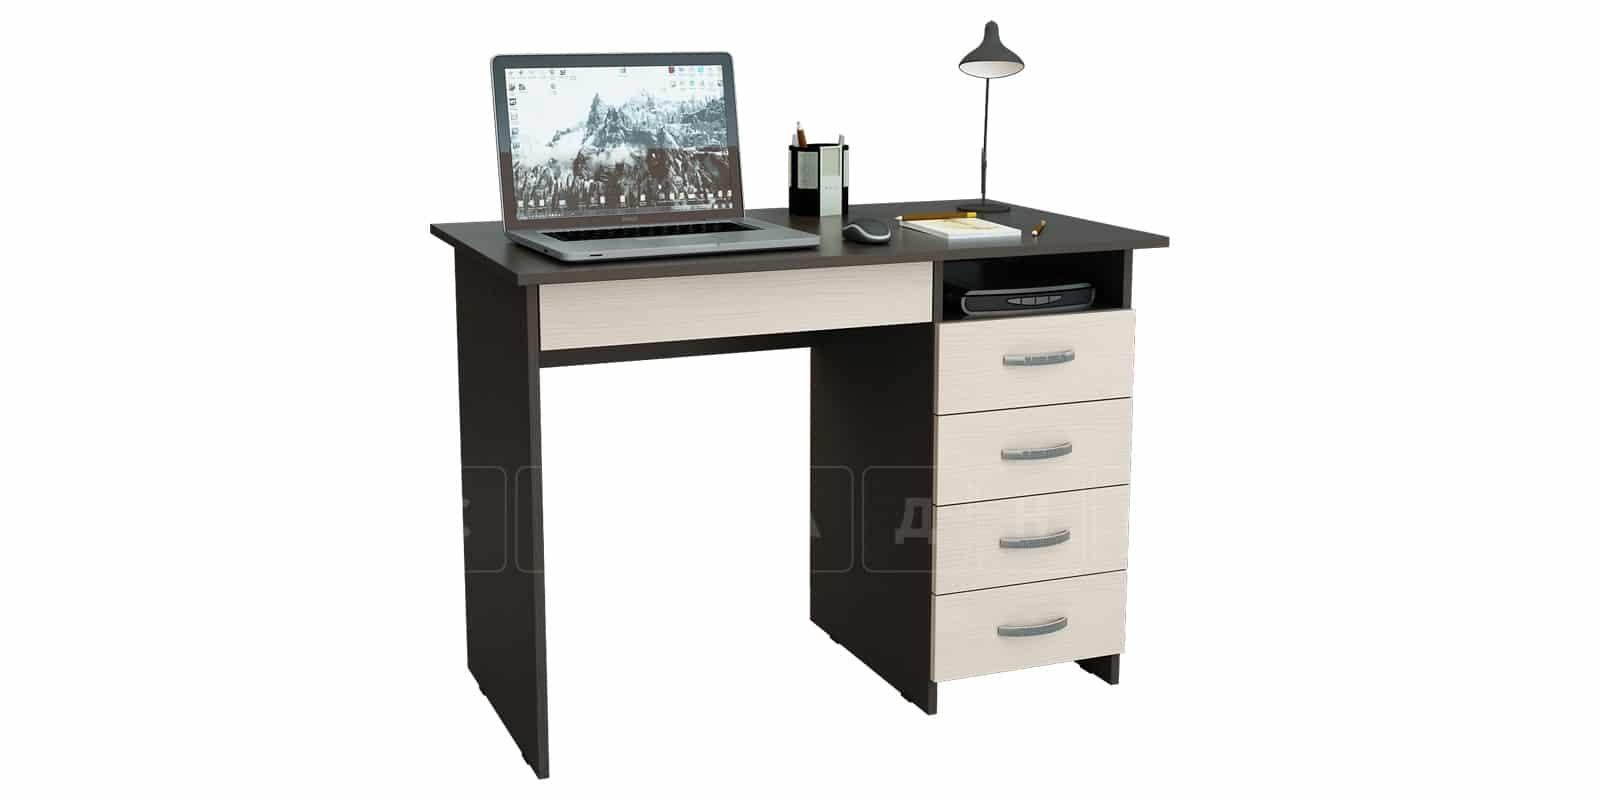 Офисный стол Харви с ящиками фото 2 | интернет-магазин Складно